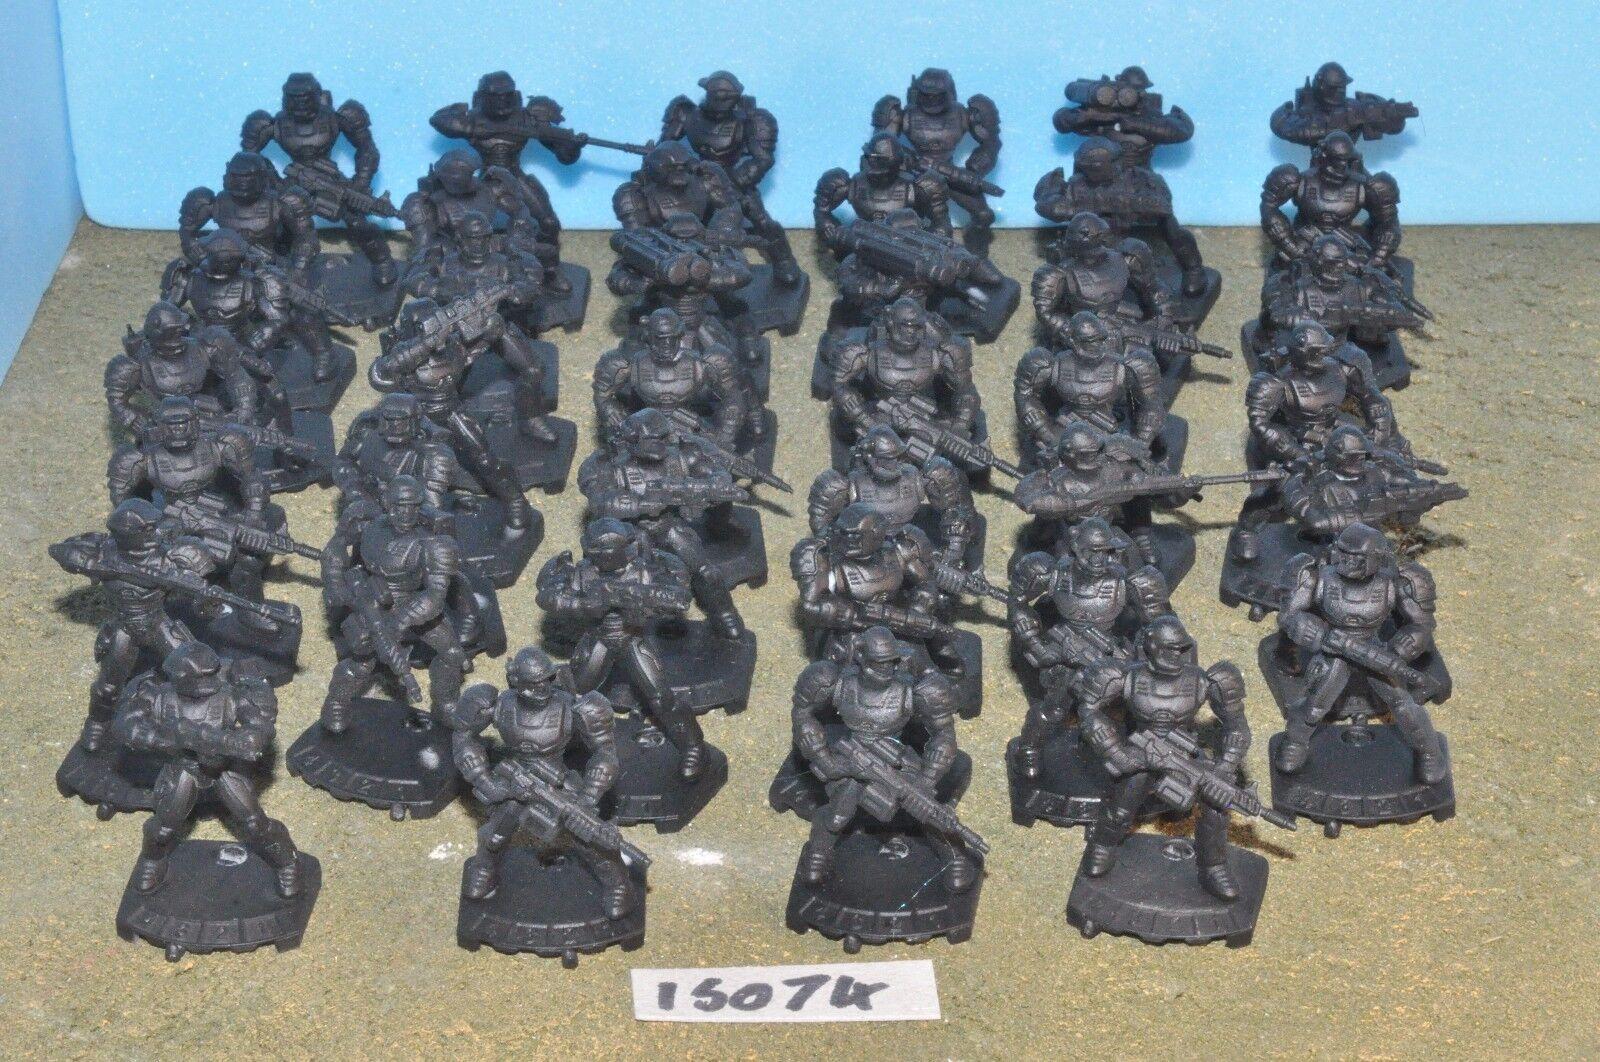 Sci fi warriors 40 space marine imperial guard alternative (15074)